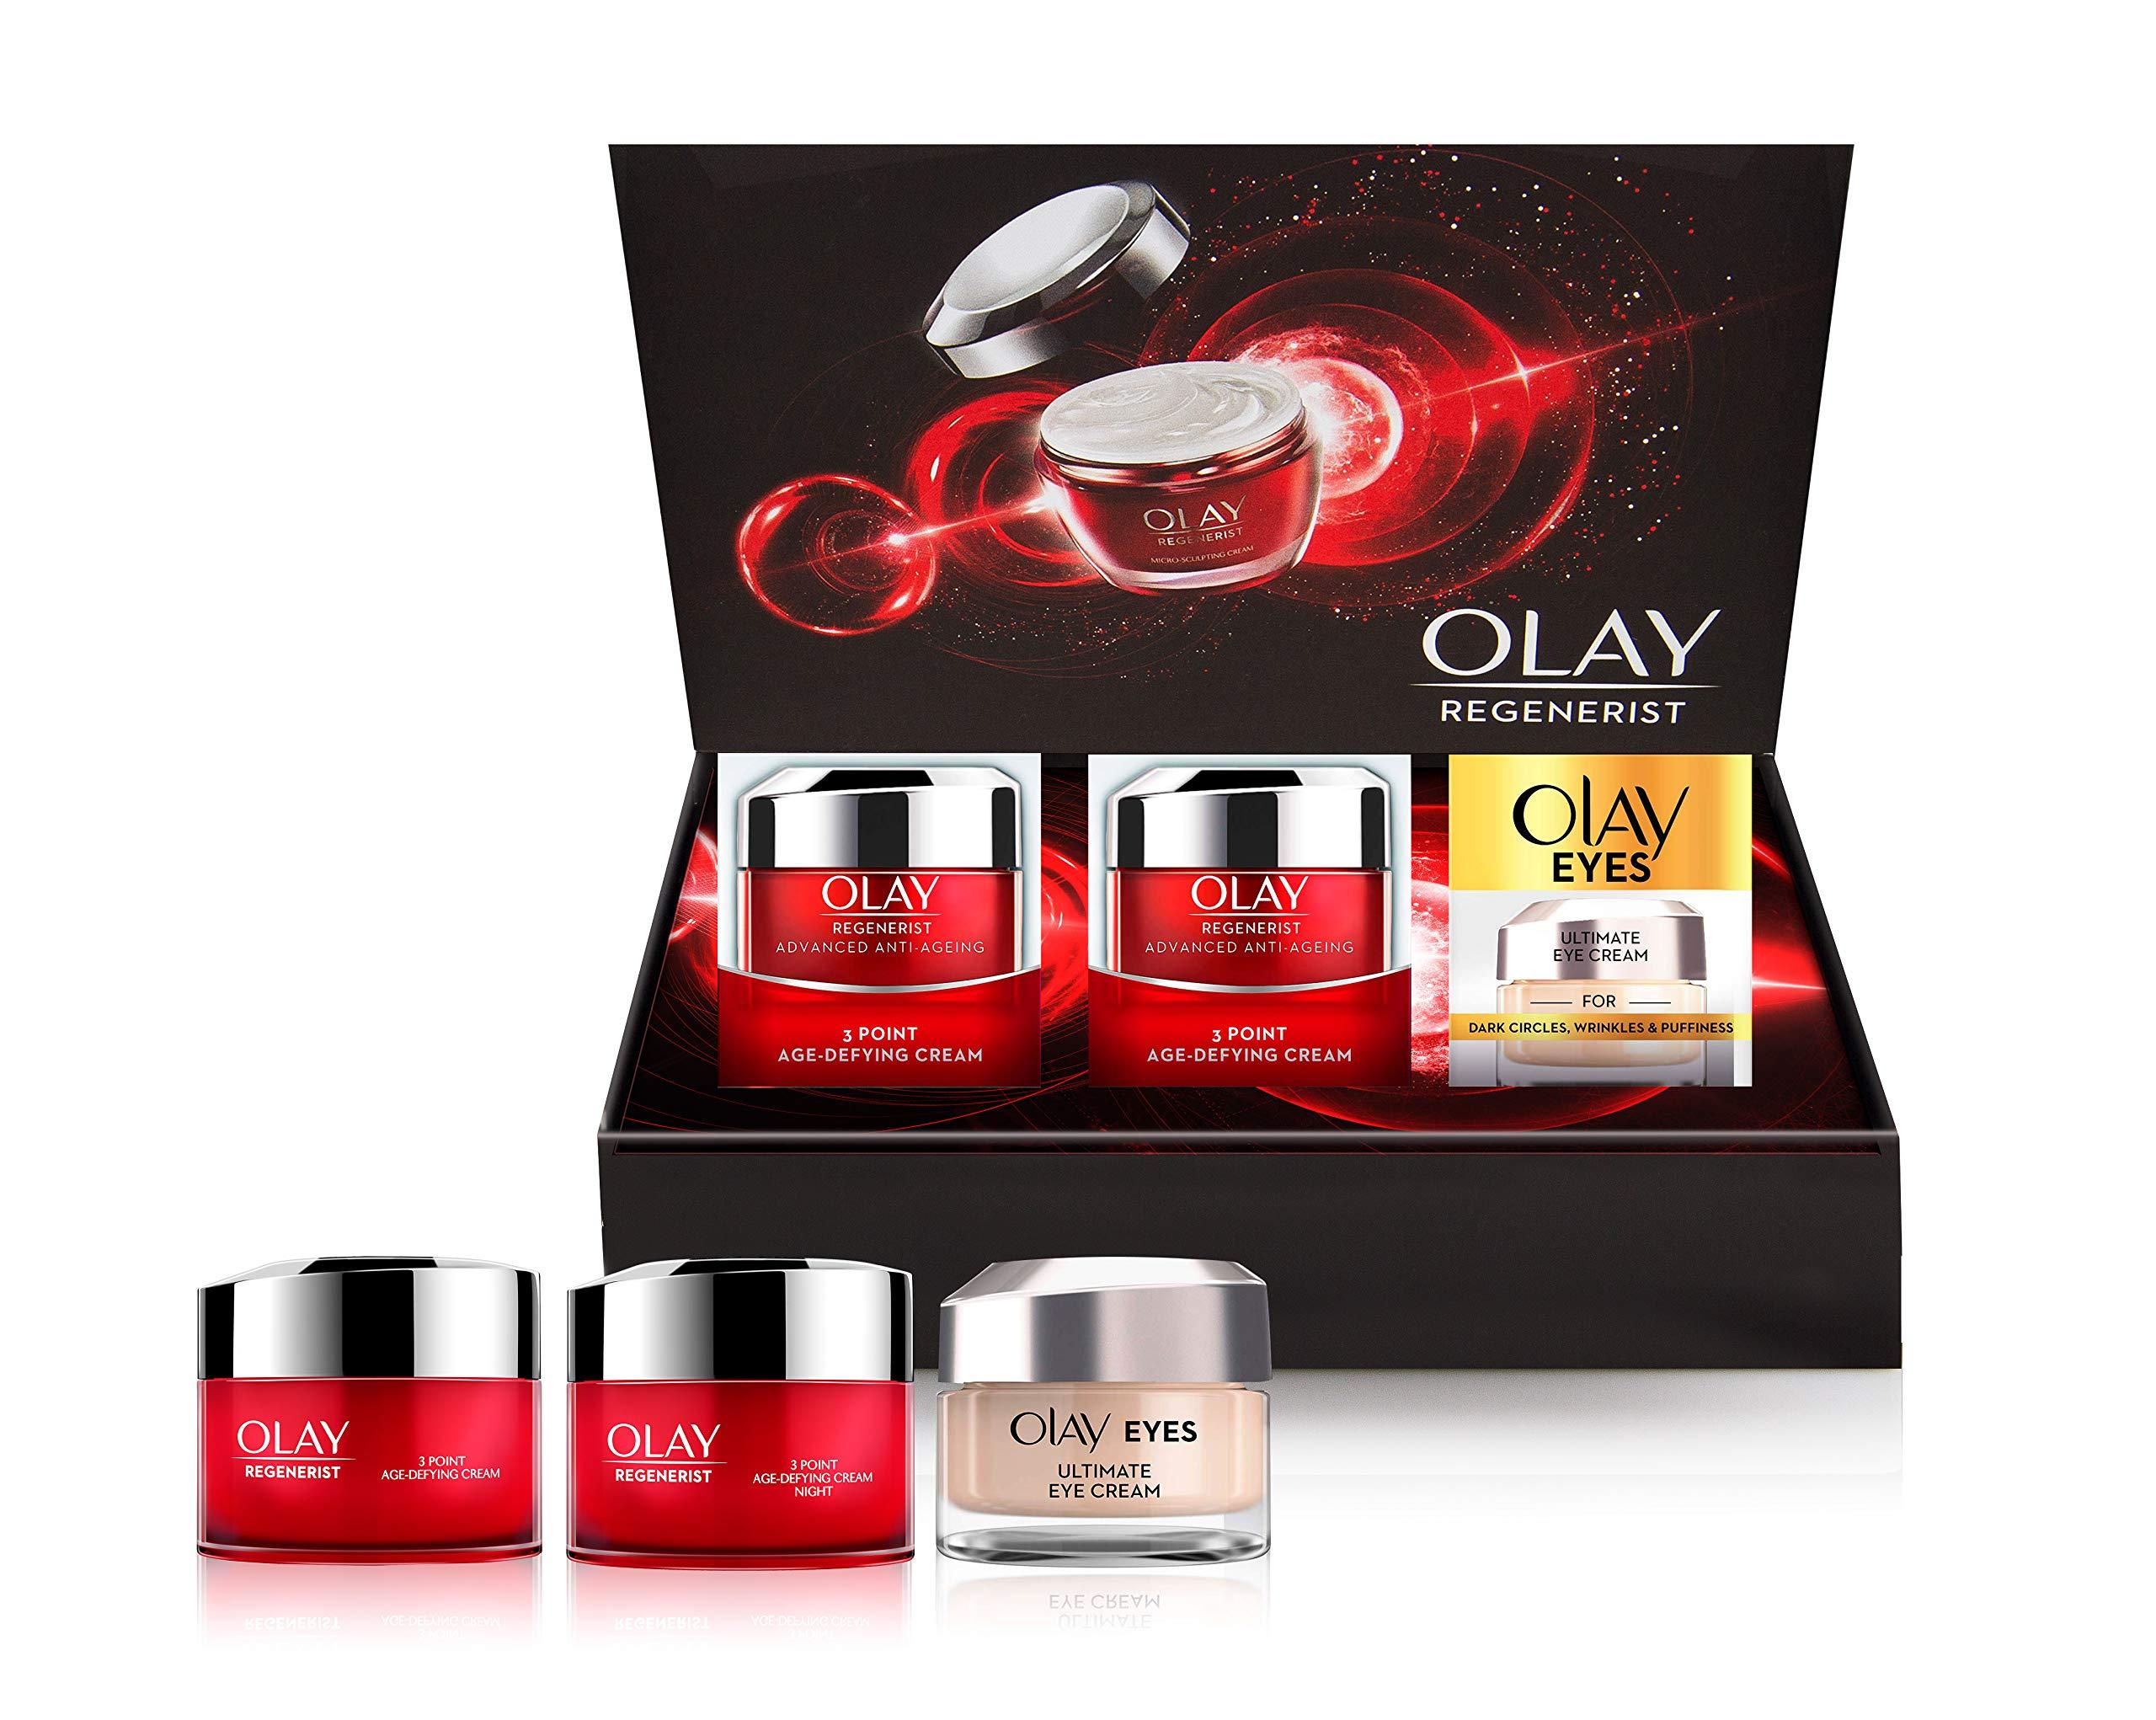 Olay Regenerist – Regalo antienvejecimiento de 3 puntos: día, noche, ojo